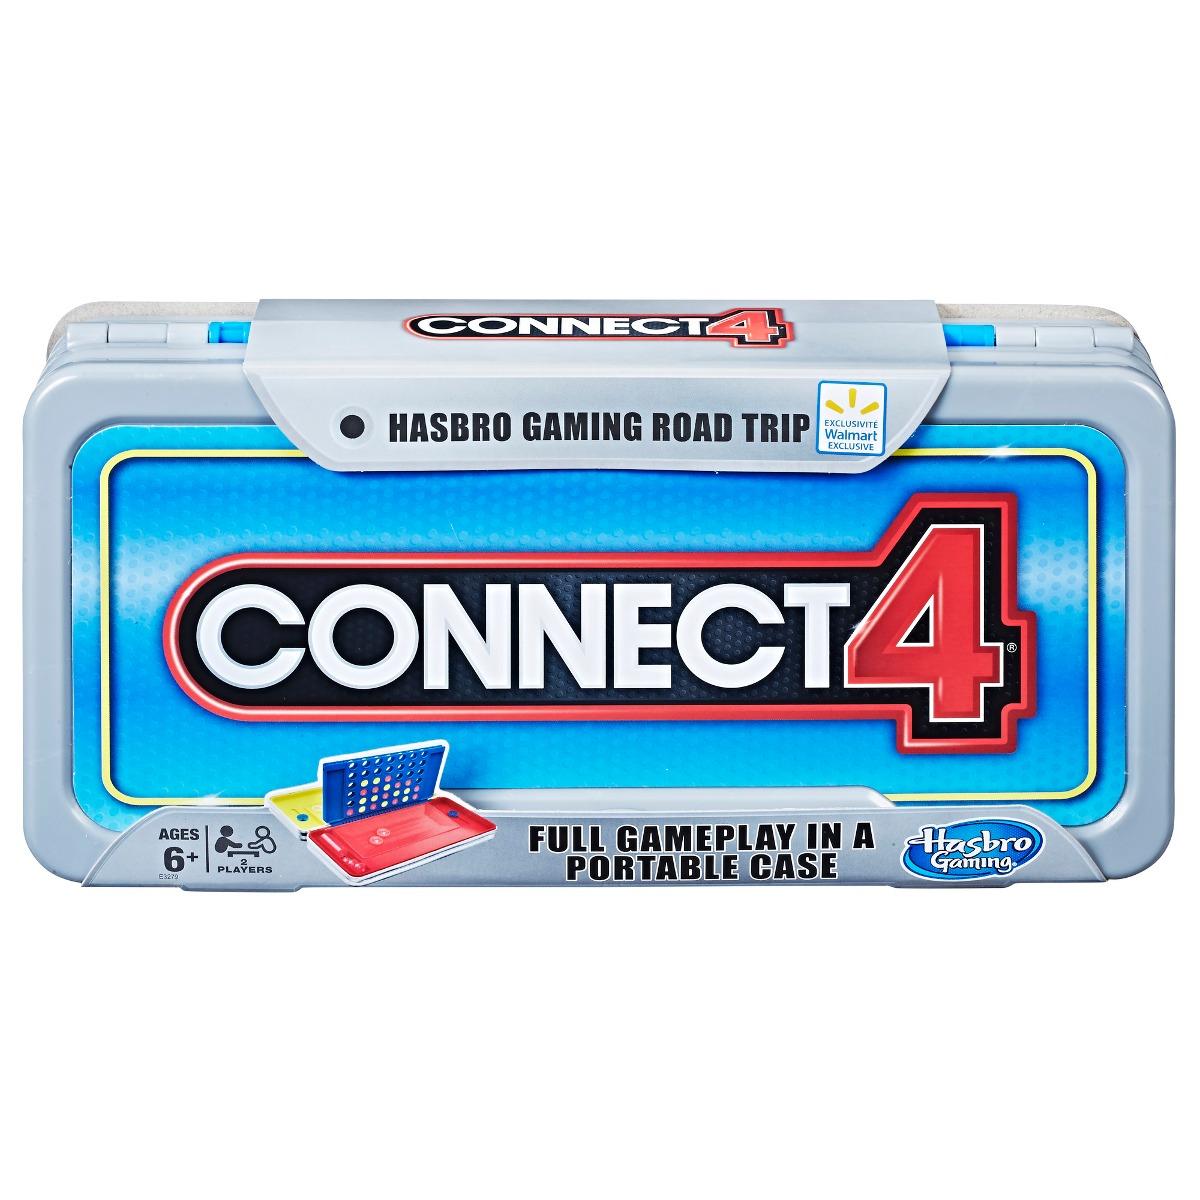 Juego Conecta 4 Edicion Viaje Por Carretera Hasbro Gaming